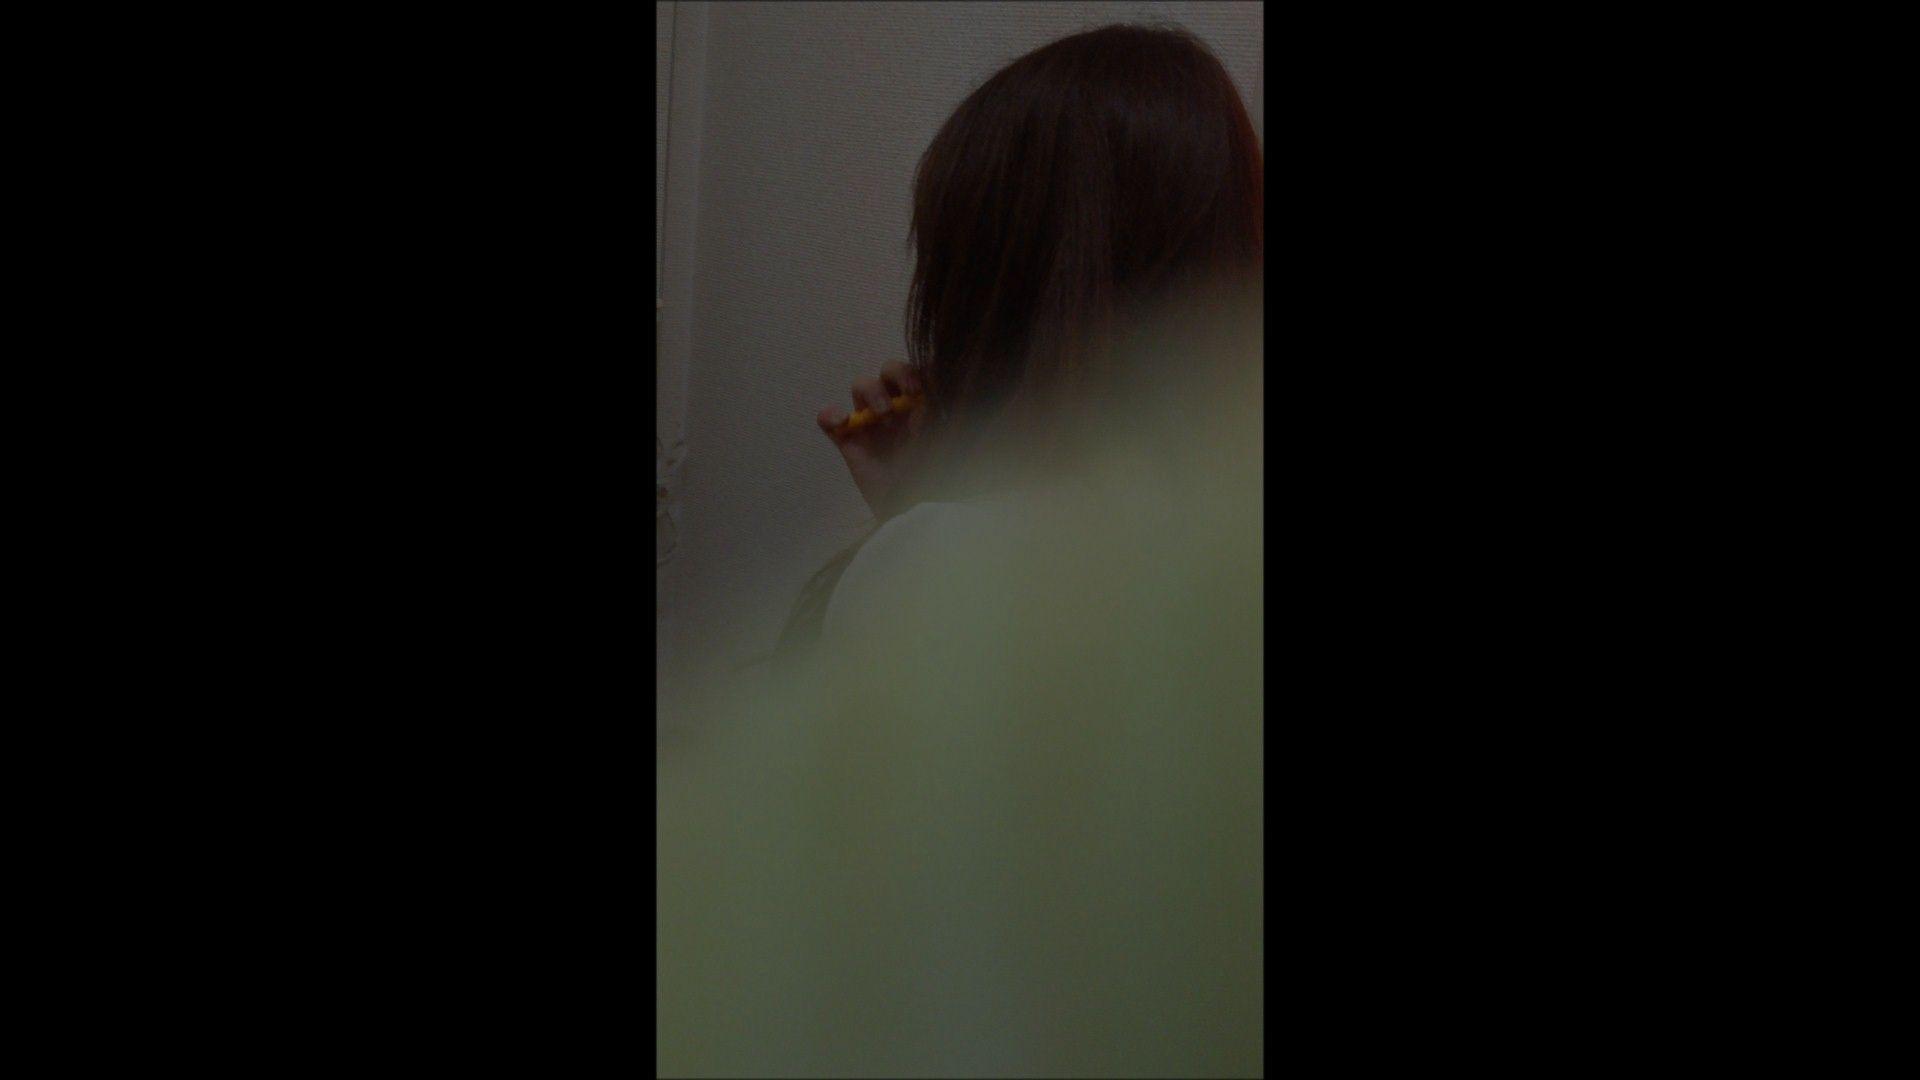 08(8日目)メイク中の彼女の顔を撮りました! いやらしいOL  51連発 28